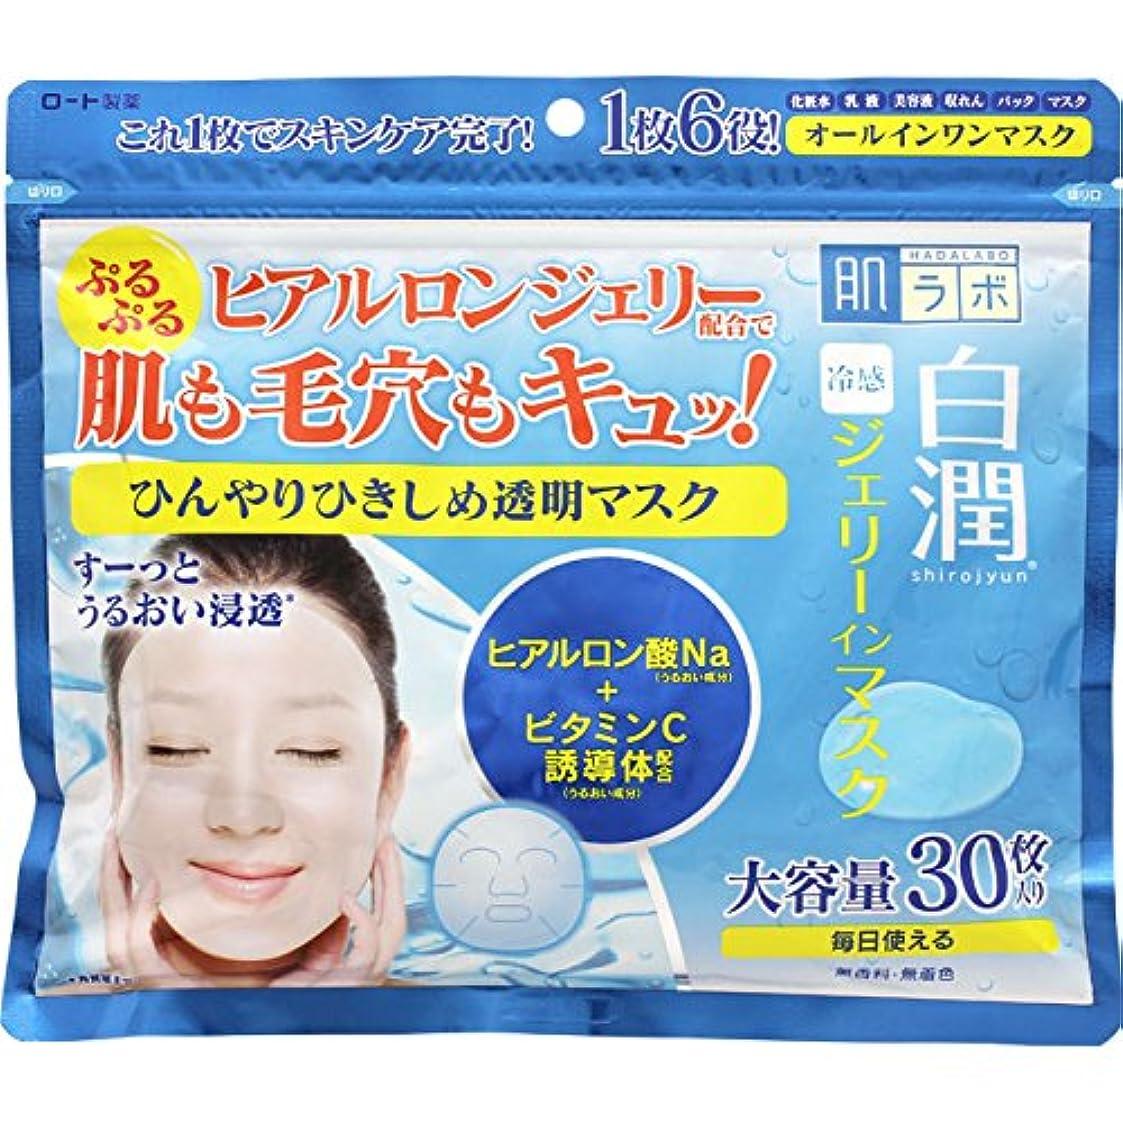 肌ラボ 白潤 冷感ジェリーインマスク 化粧水?乳液?美容液?収れん?パック?マスクの1枚6役 大容量30枚